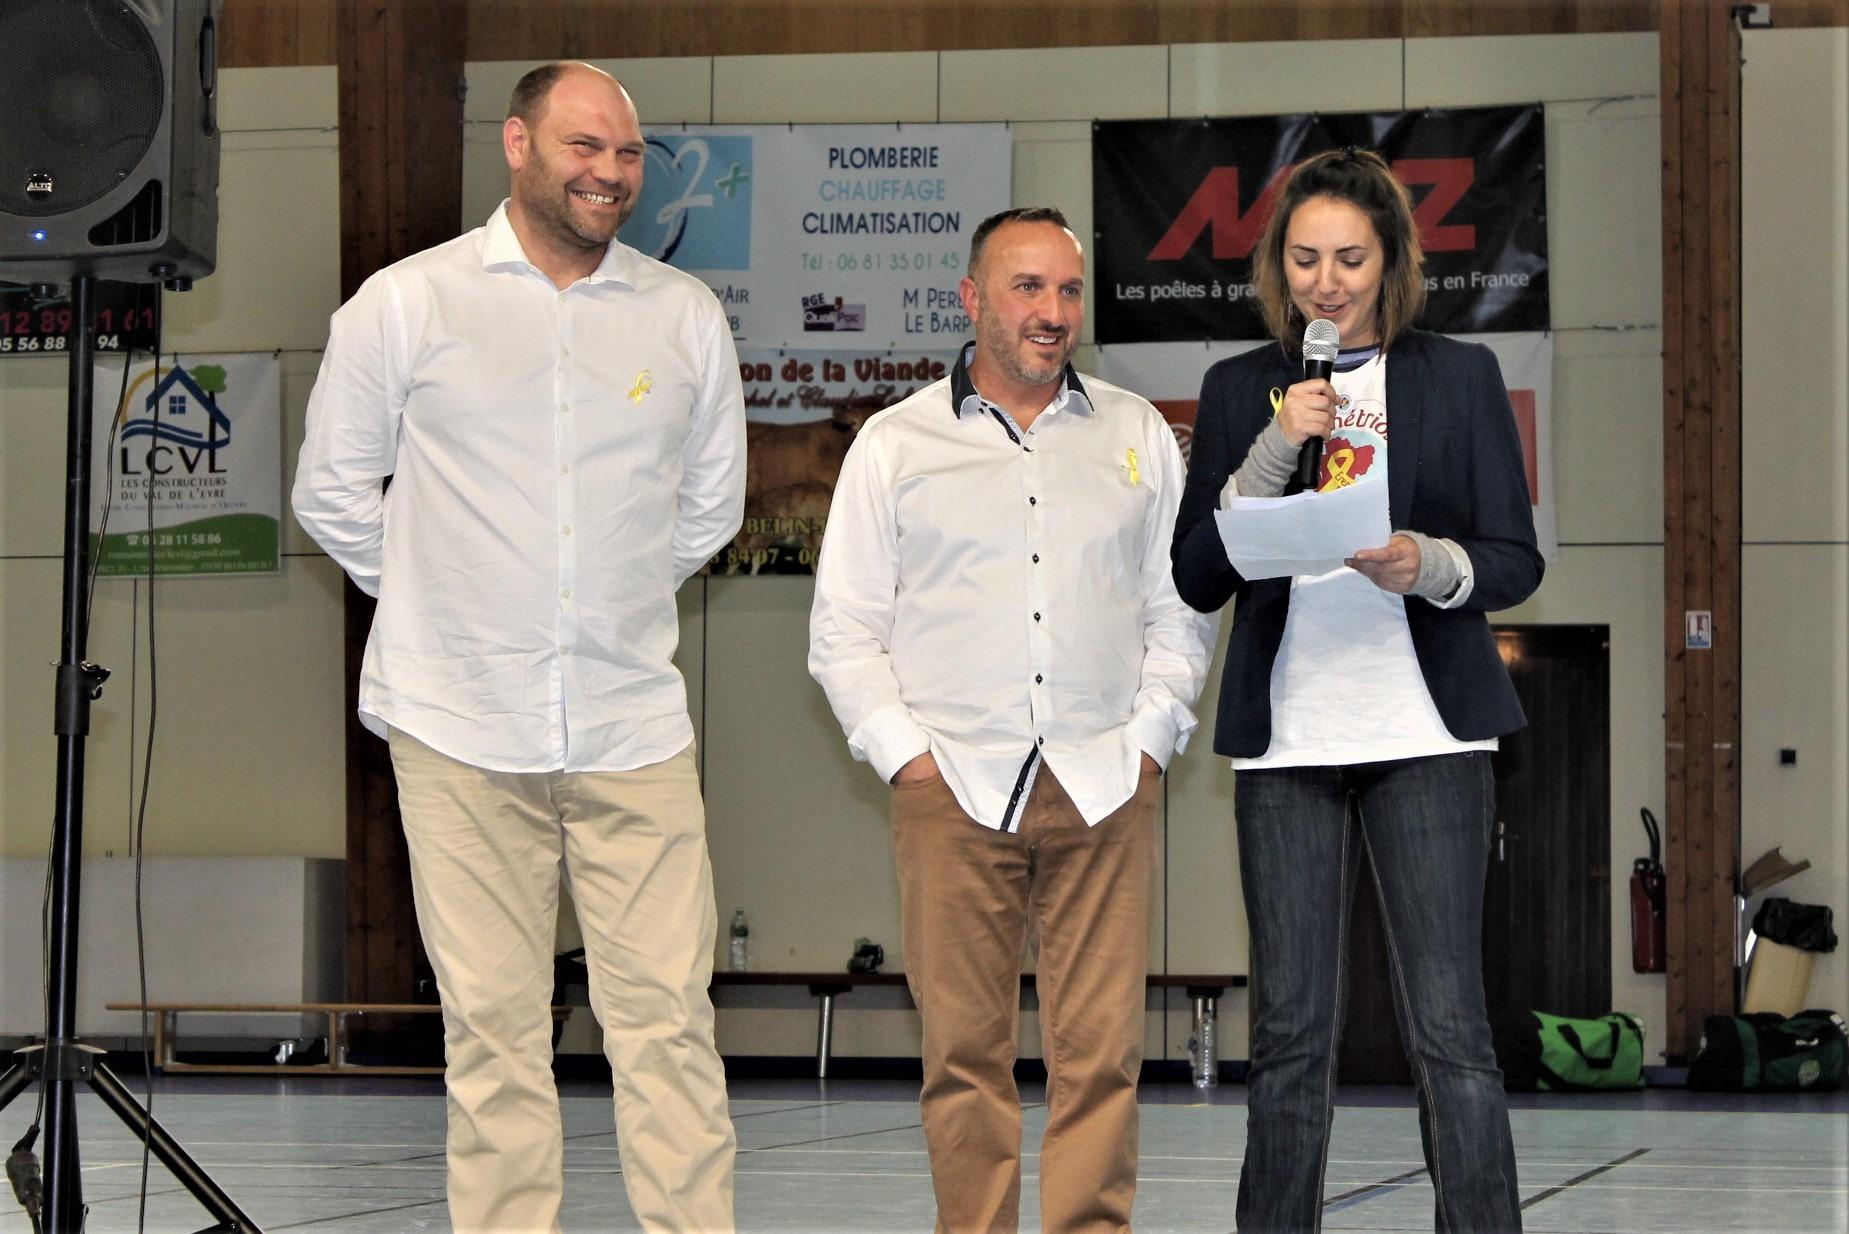 Sebastien Pernaut et Yvan Buttignol aux cotés de la présidente de l'association ERENA, Sandy Esparcieux.